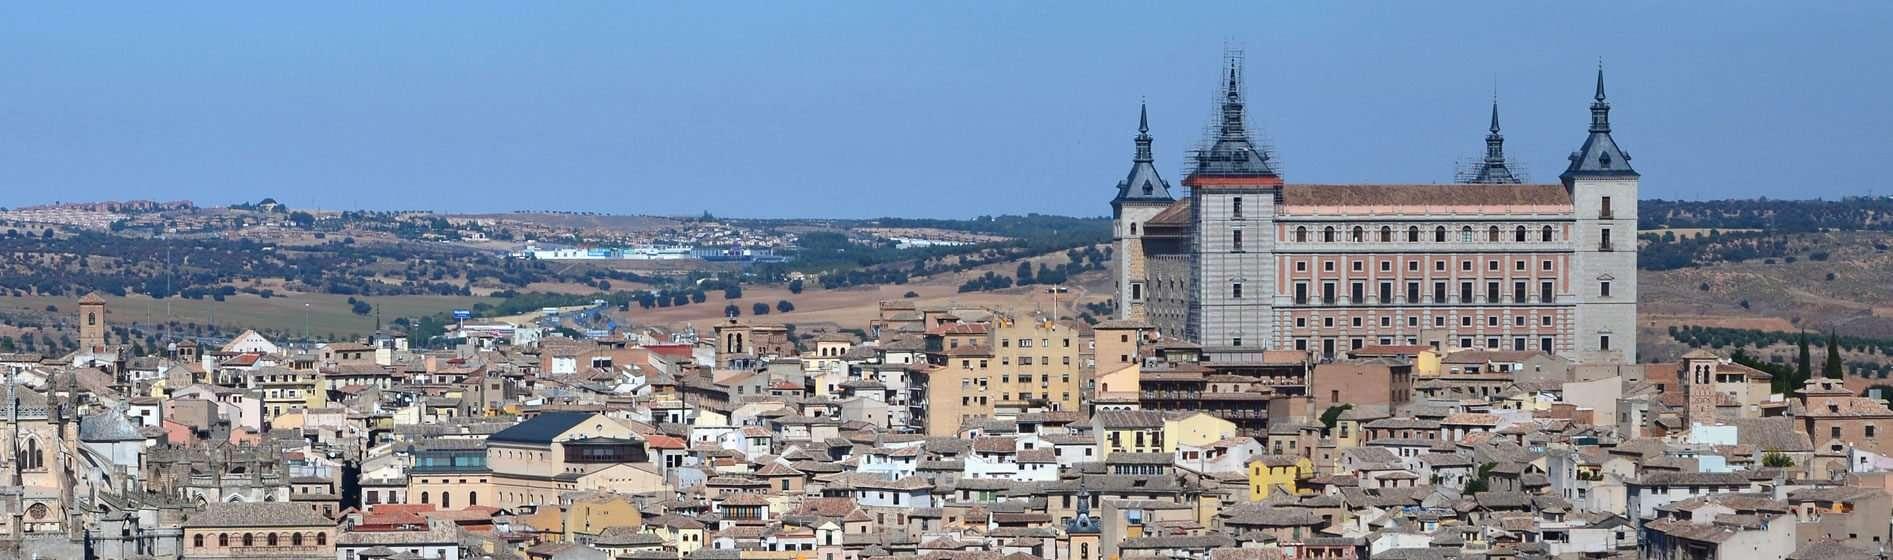 Excursión a Toledo con almuerzo incluido